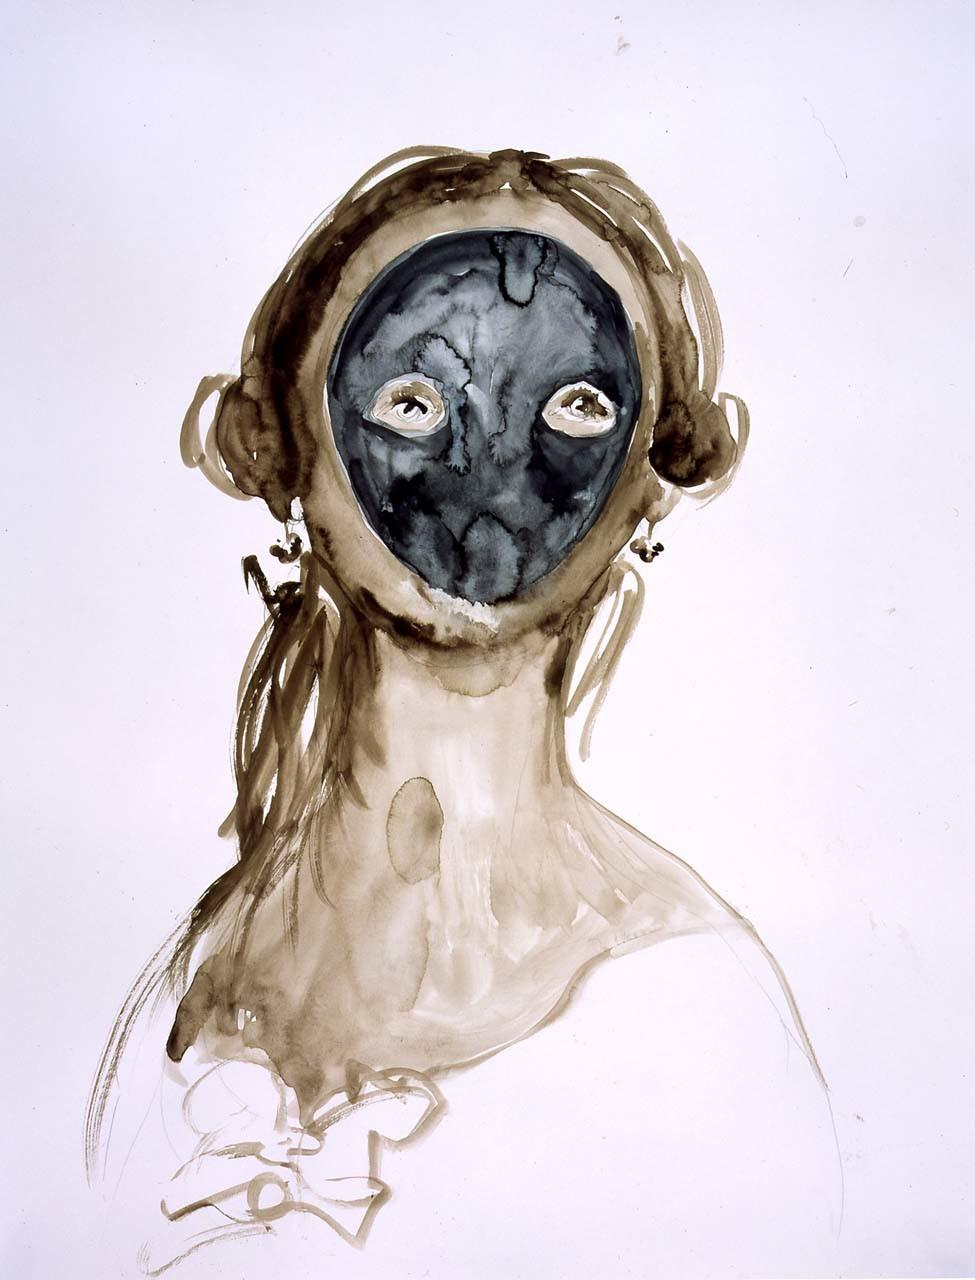 """<div class=""""artwork_caption""""><p>Woman Masked, 2003</p></div>"""